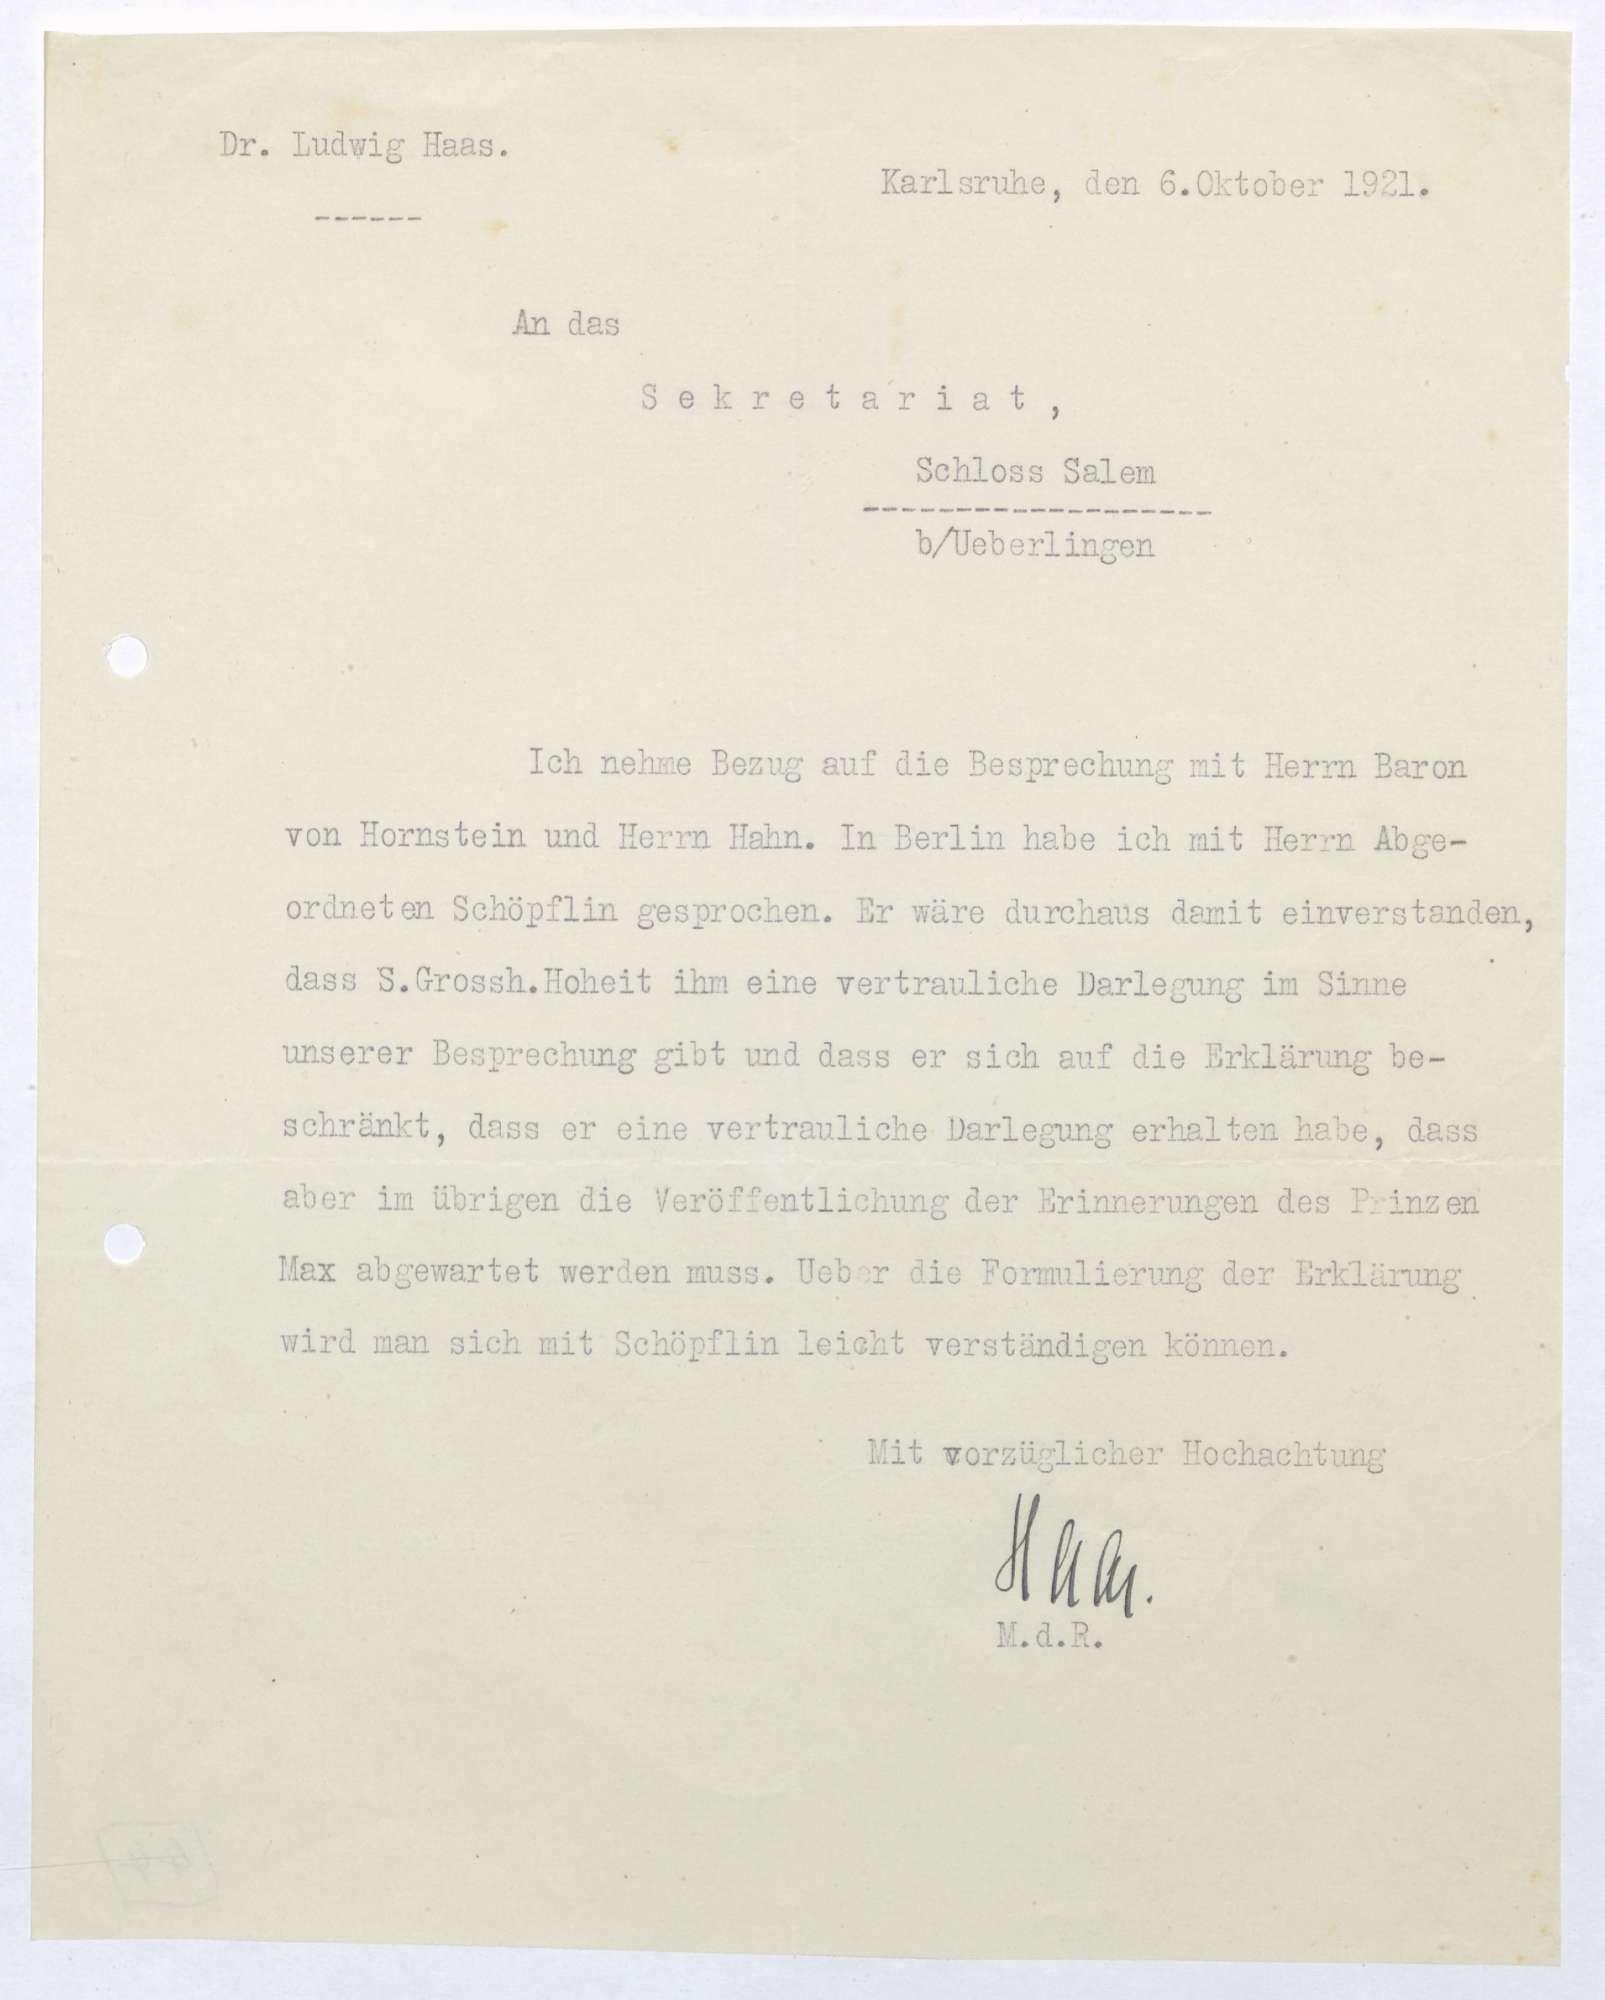 Schreiben von Ludwig Haas an Prinz Max von Baden; Besprechung mit Georg Schöpflin, Bild 1